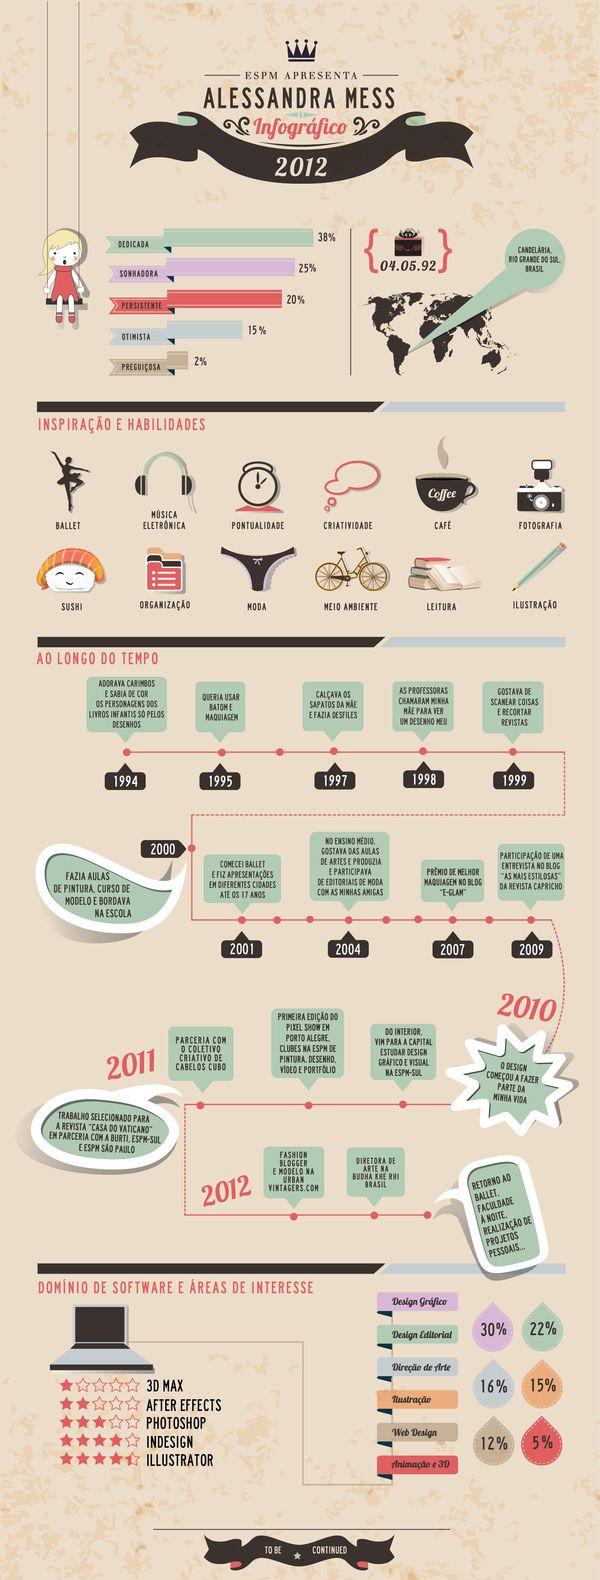 Infográfico pessoal by Alessandra Mess, via Behance #infografia #infographic #curriculum #cv #empleo